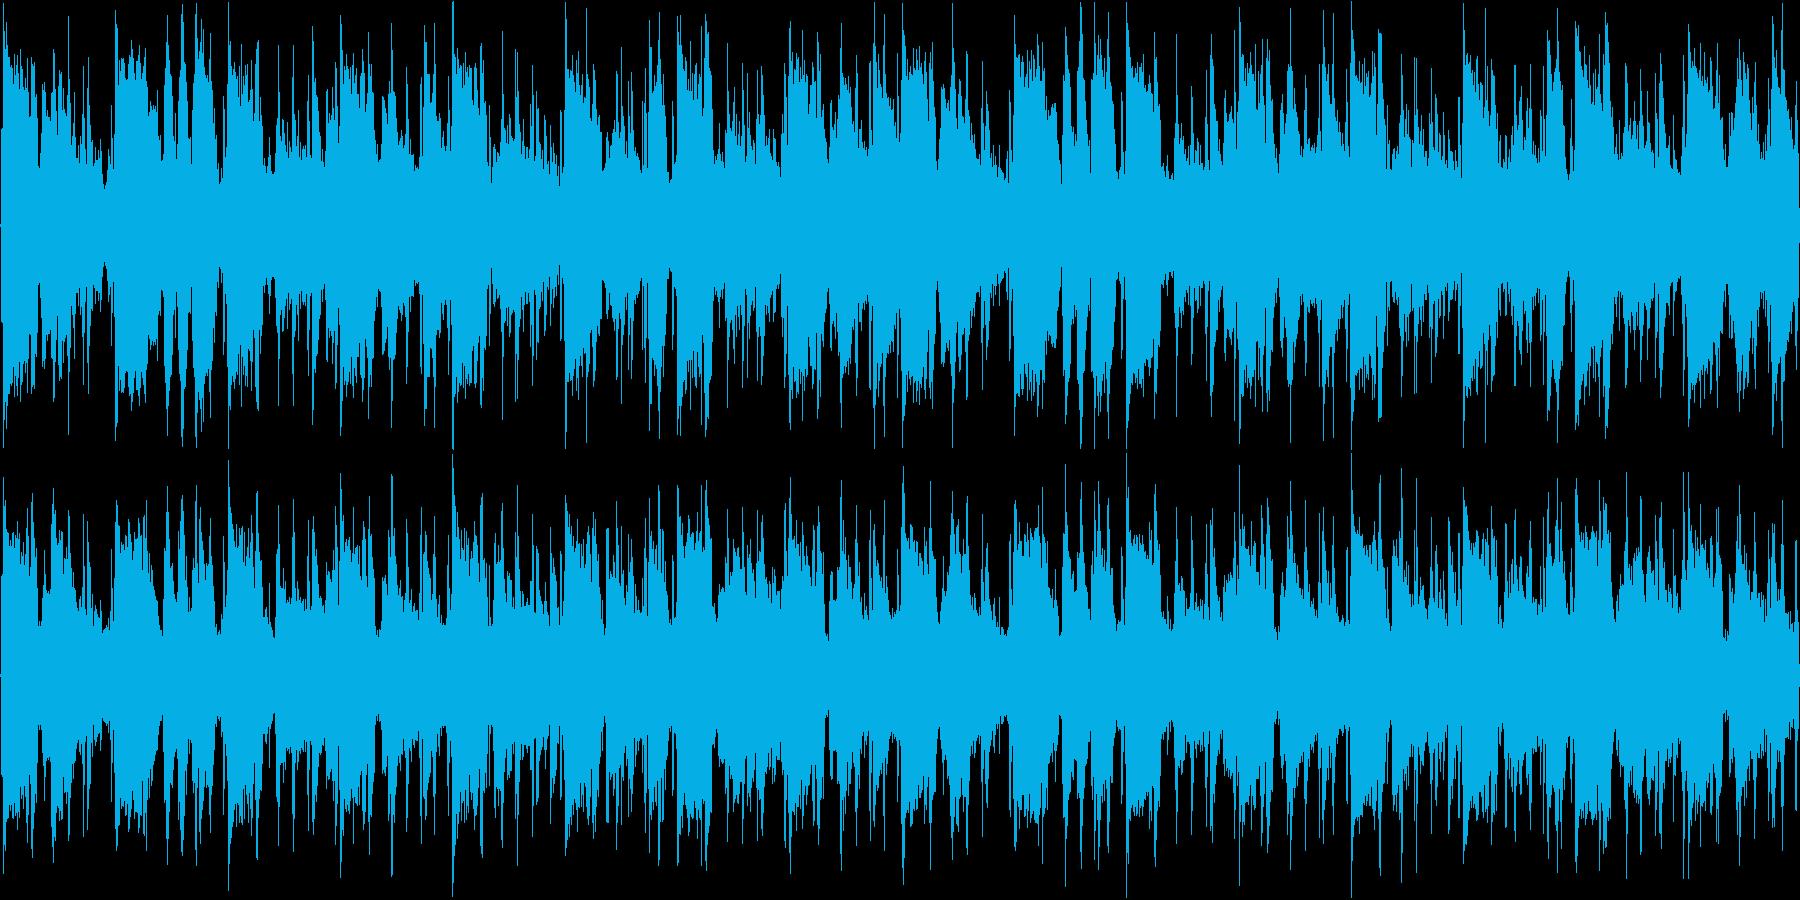 AcidJazz レトロな雰囲気の曲の再生済みの波形